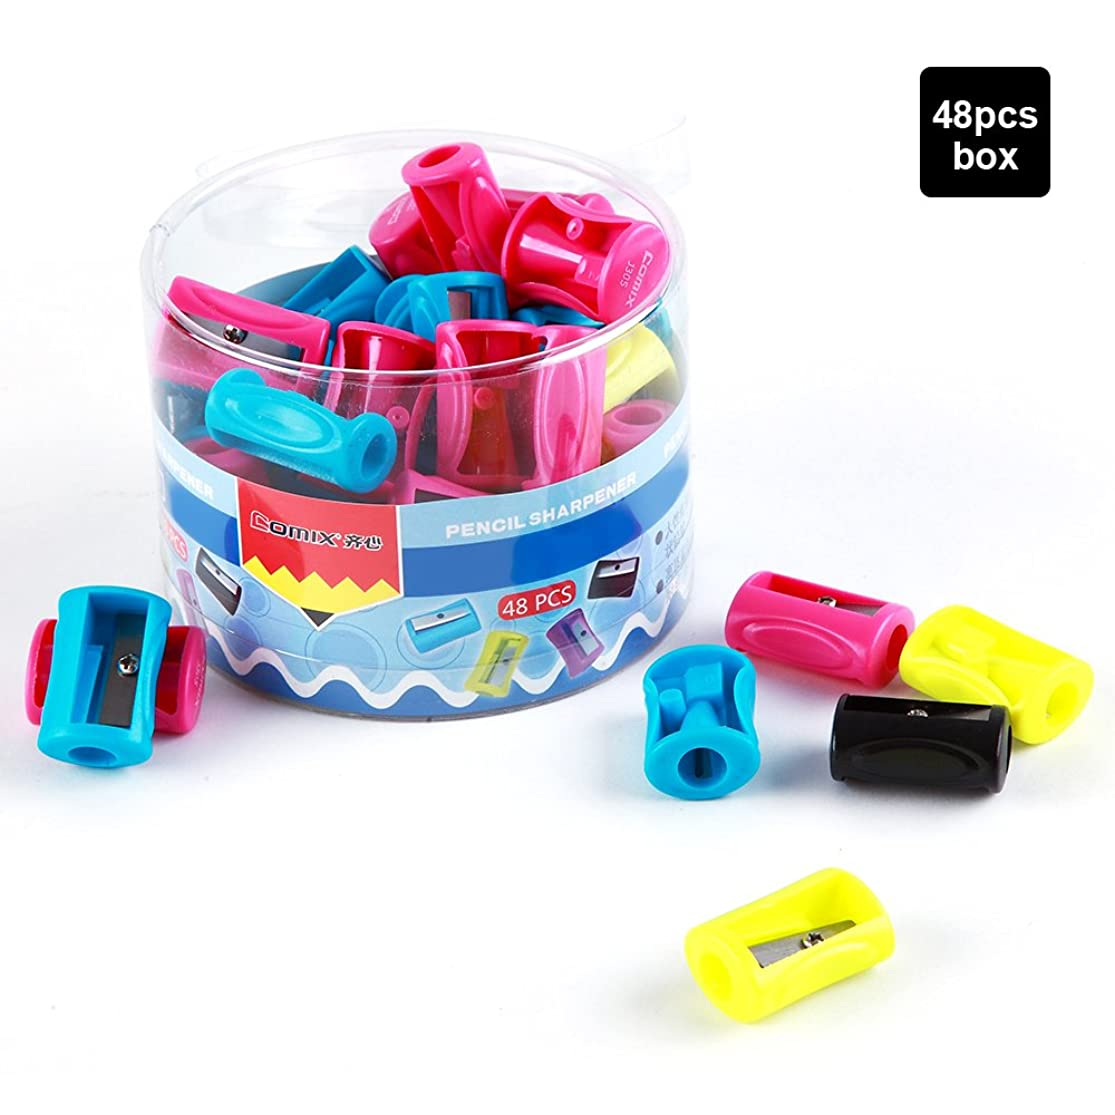 Comix 48 Piece Bulk Colorful Plastic Manual Pencil Sharpener (J305) rijgmsed4